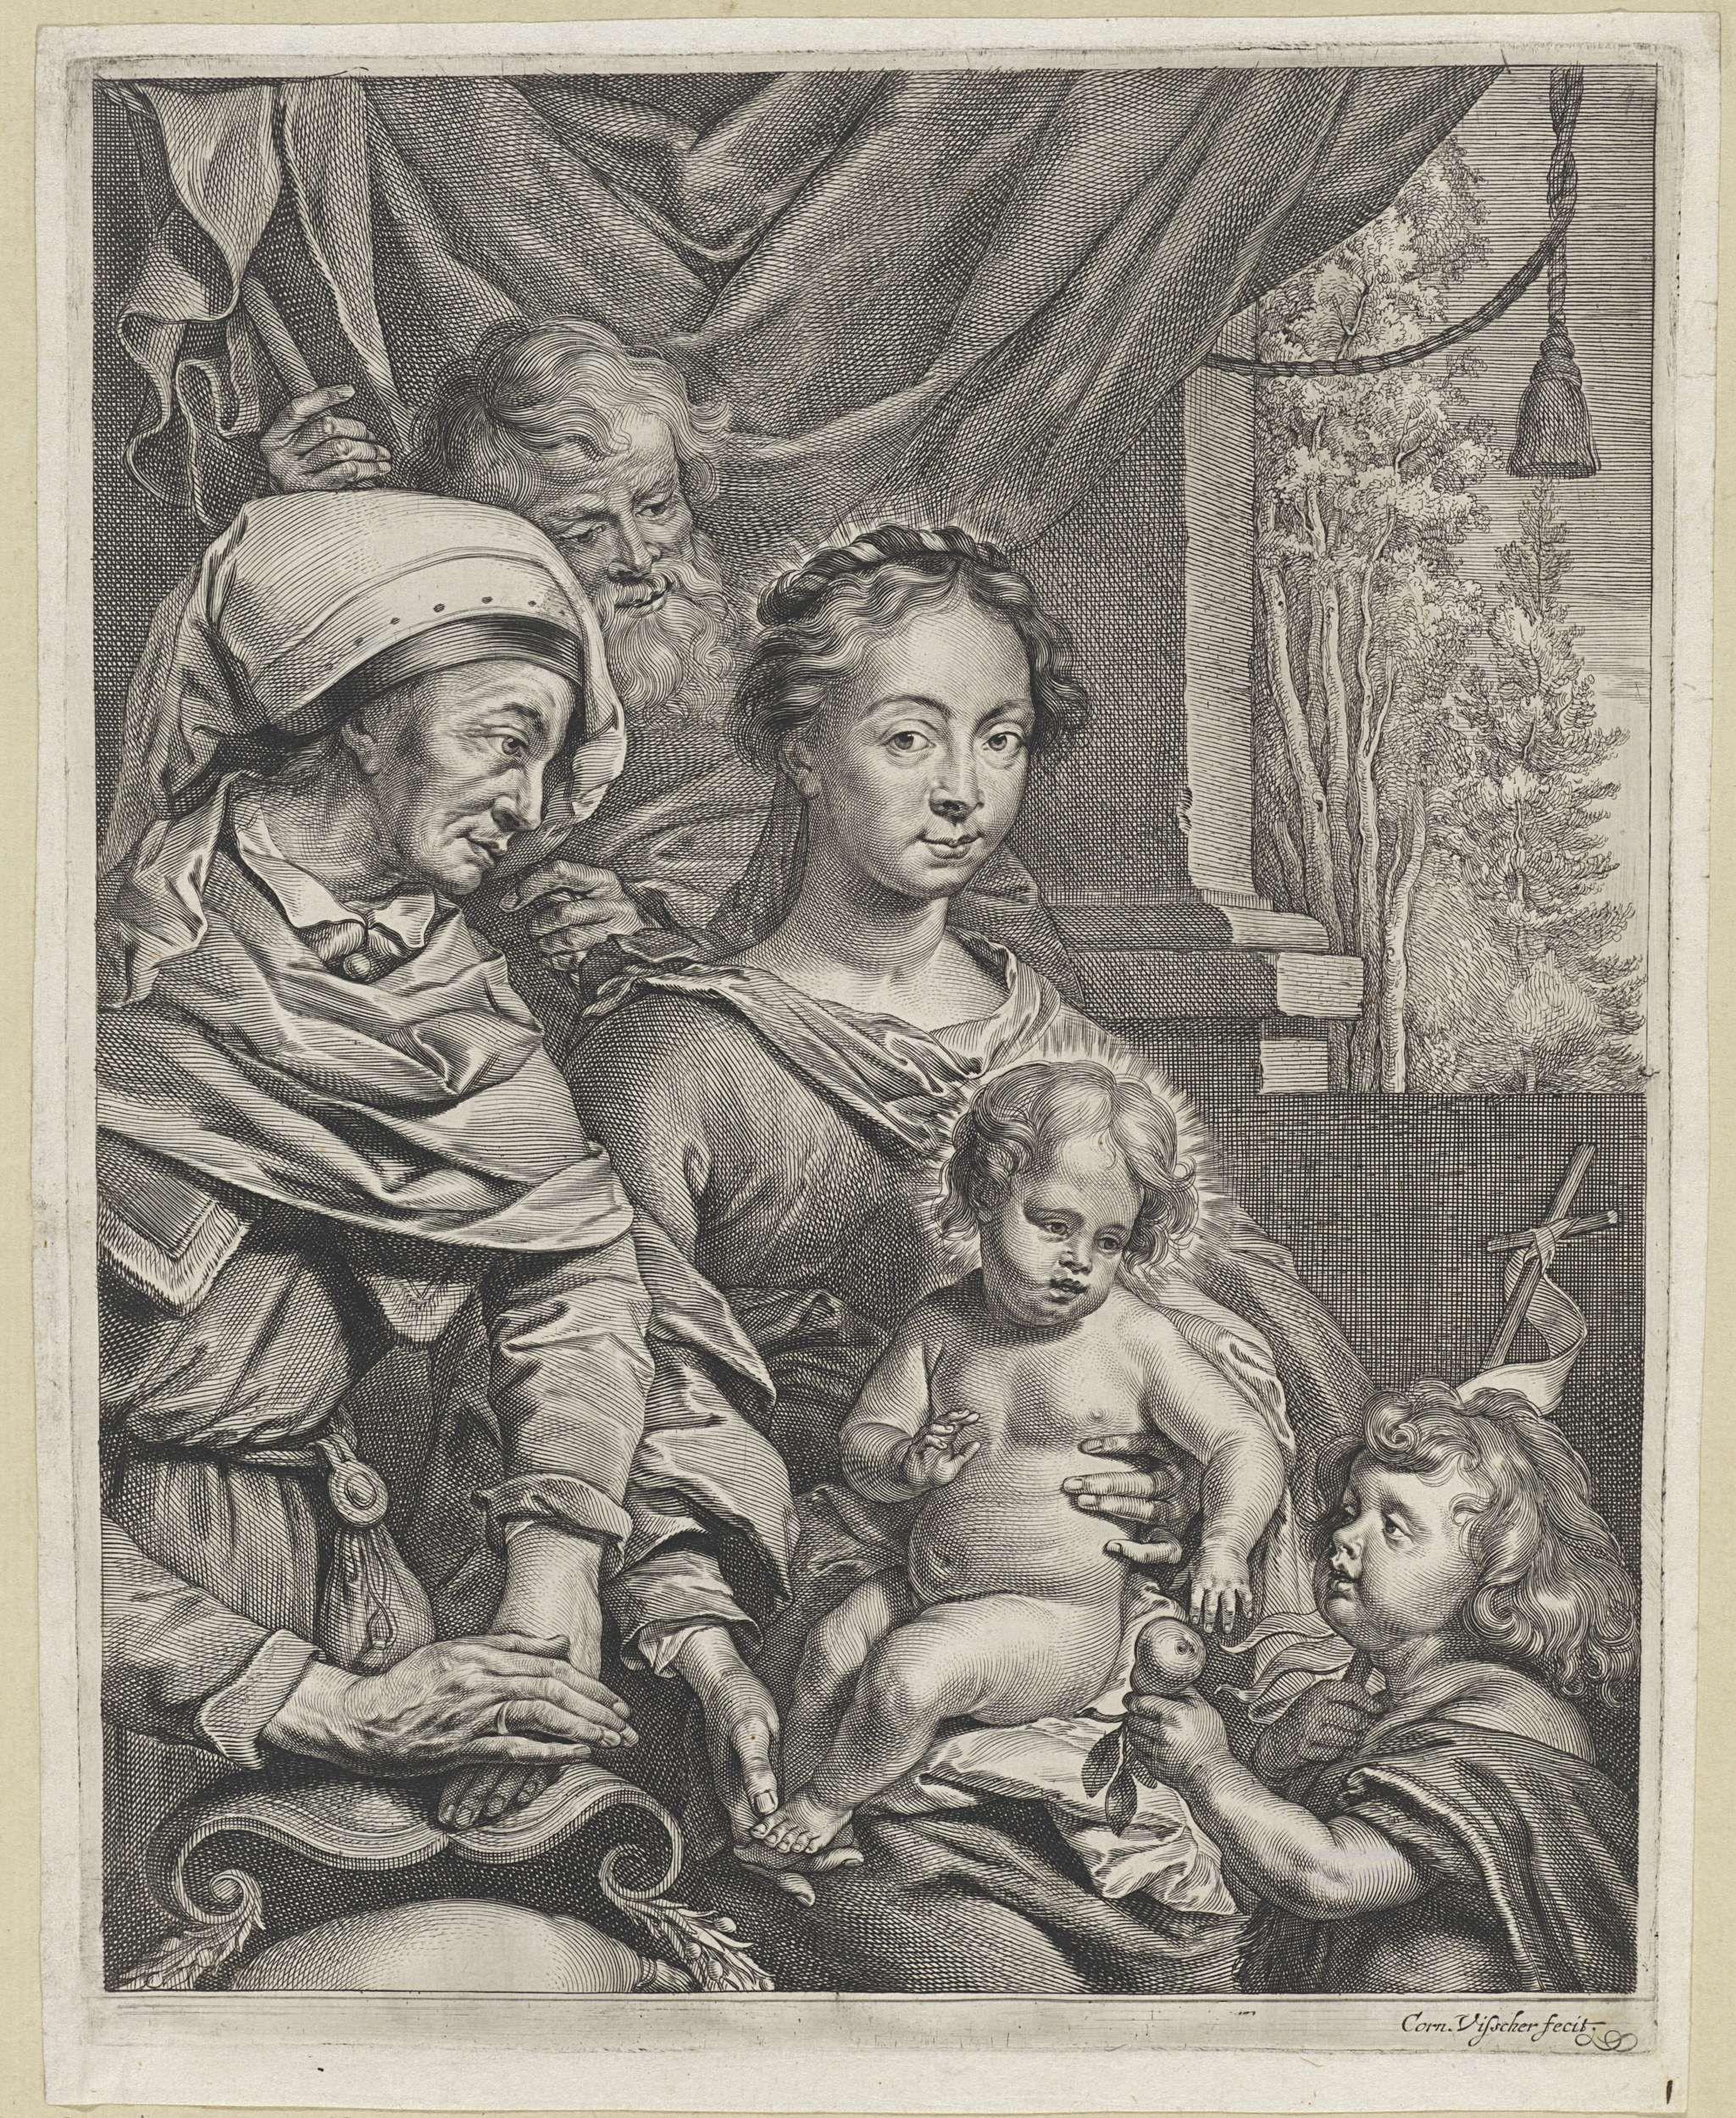 Cornelis Visscher (II) | Heilige Familie met Elisabet en Johannes, Cornelis Visscher (II), 1638 - 1658 | De heilige familie met Elisabet en Johannes de Doper als kind. Johannes, met in zijn hand een vaandel, staat voor het Christuskind en reikt hem een peer aan.